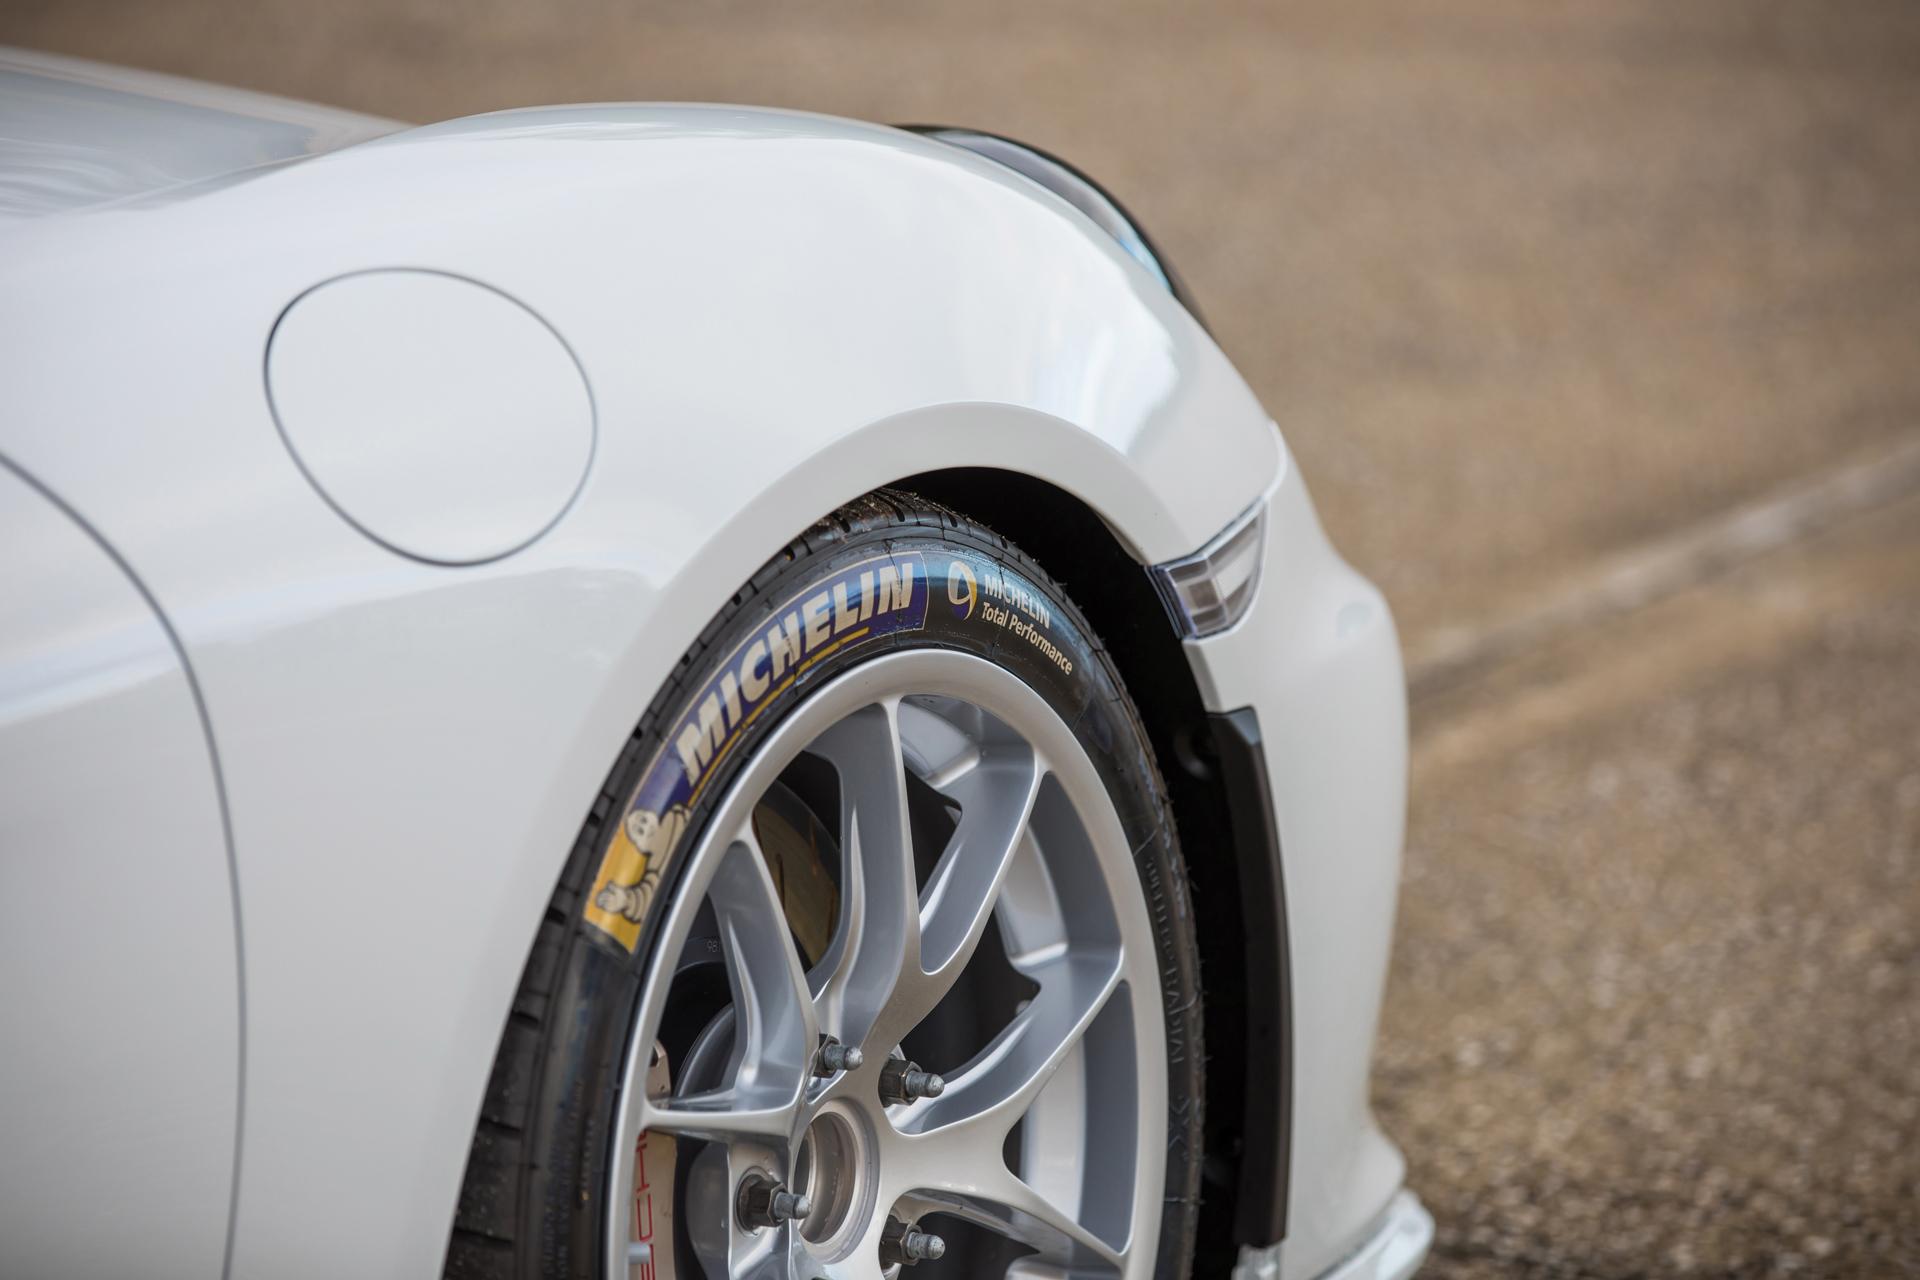 2018 RM - 2016 Porsche Cayman GT4 Clubsport 007A - Deremer Studi